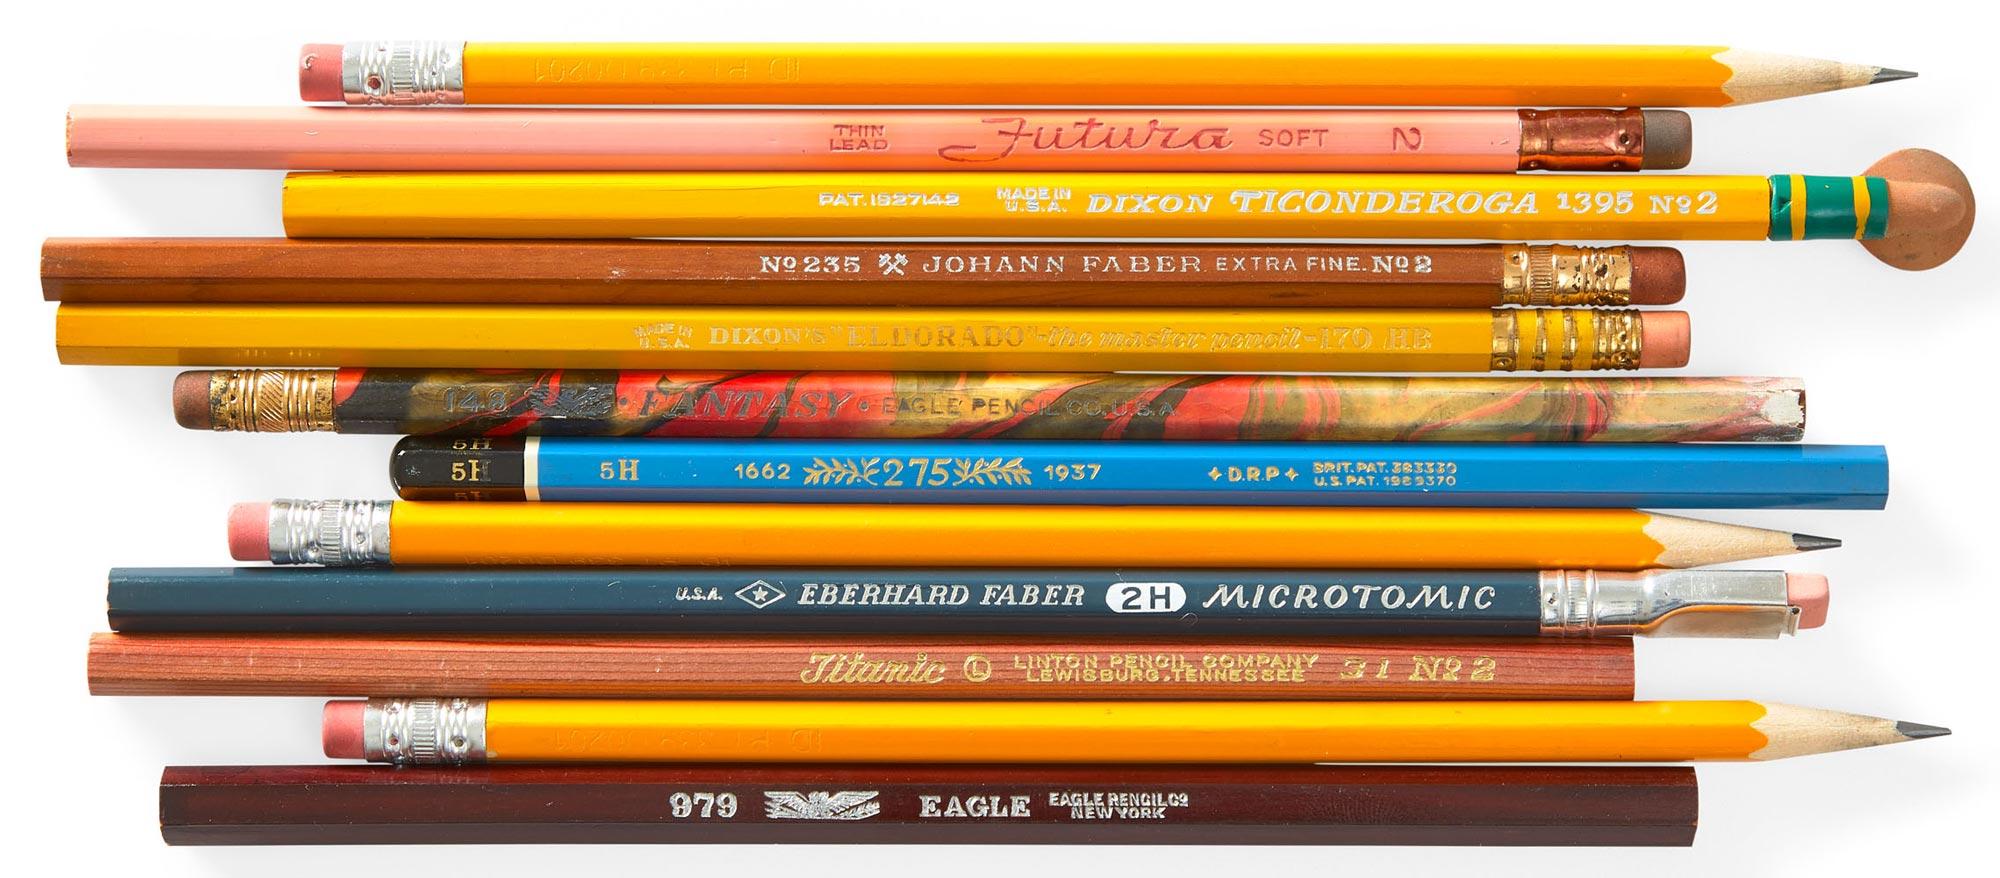 Pencillarium pencils